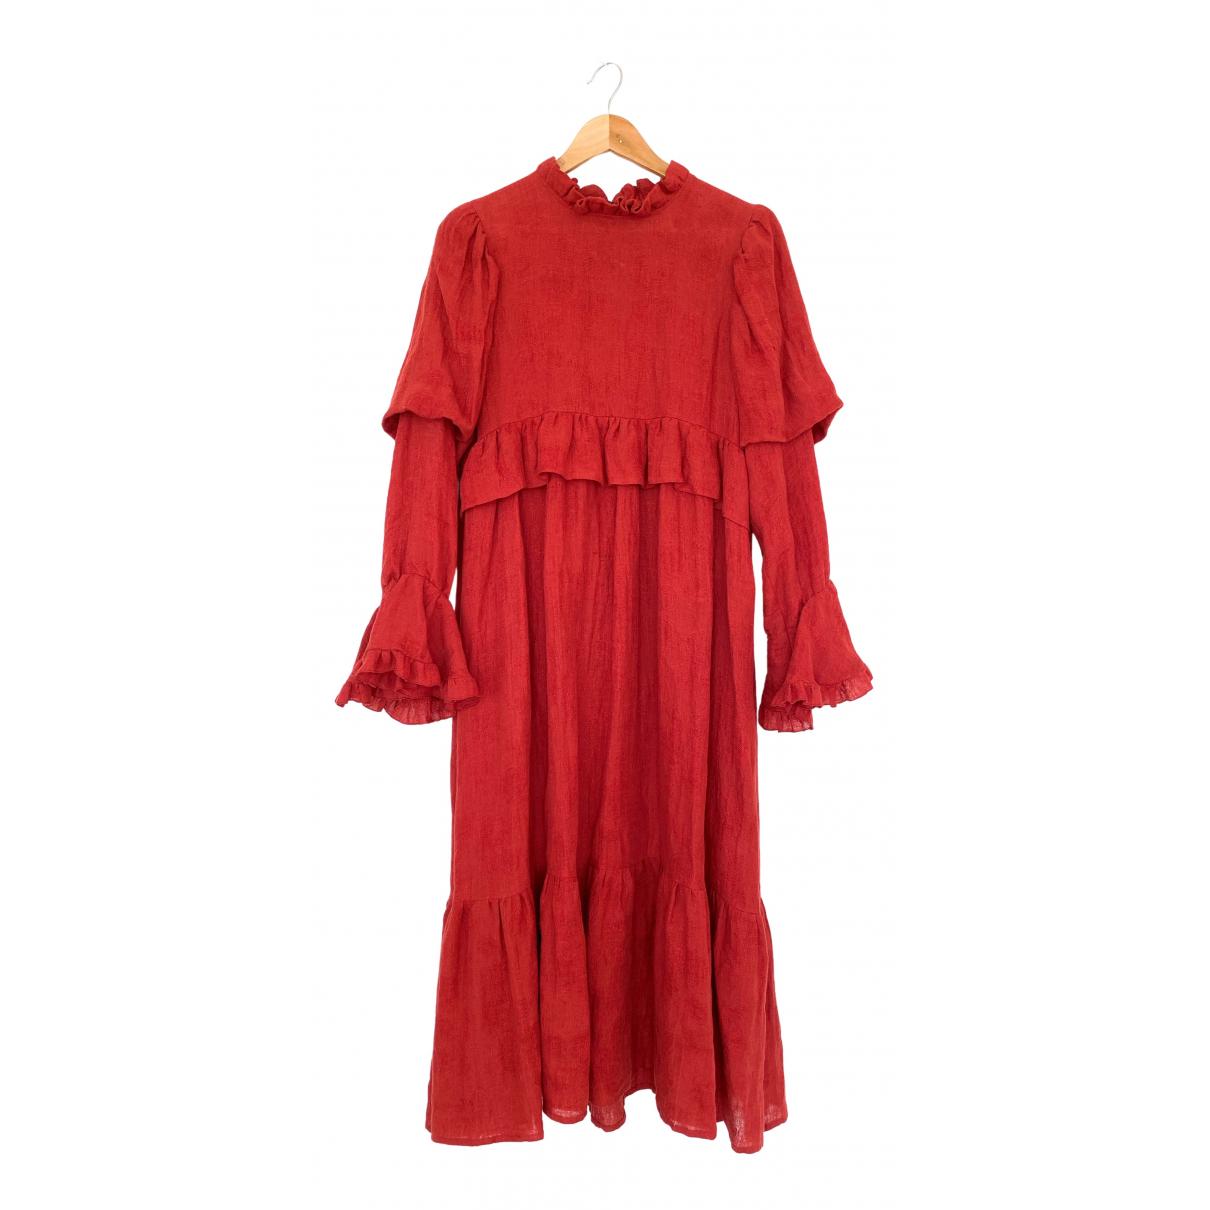 Maxi vestido Hippie Chic de Lino Non Signe / Unsigned